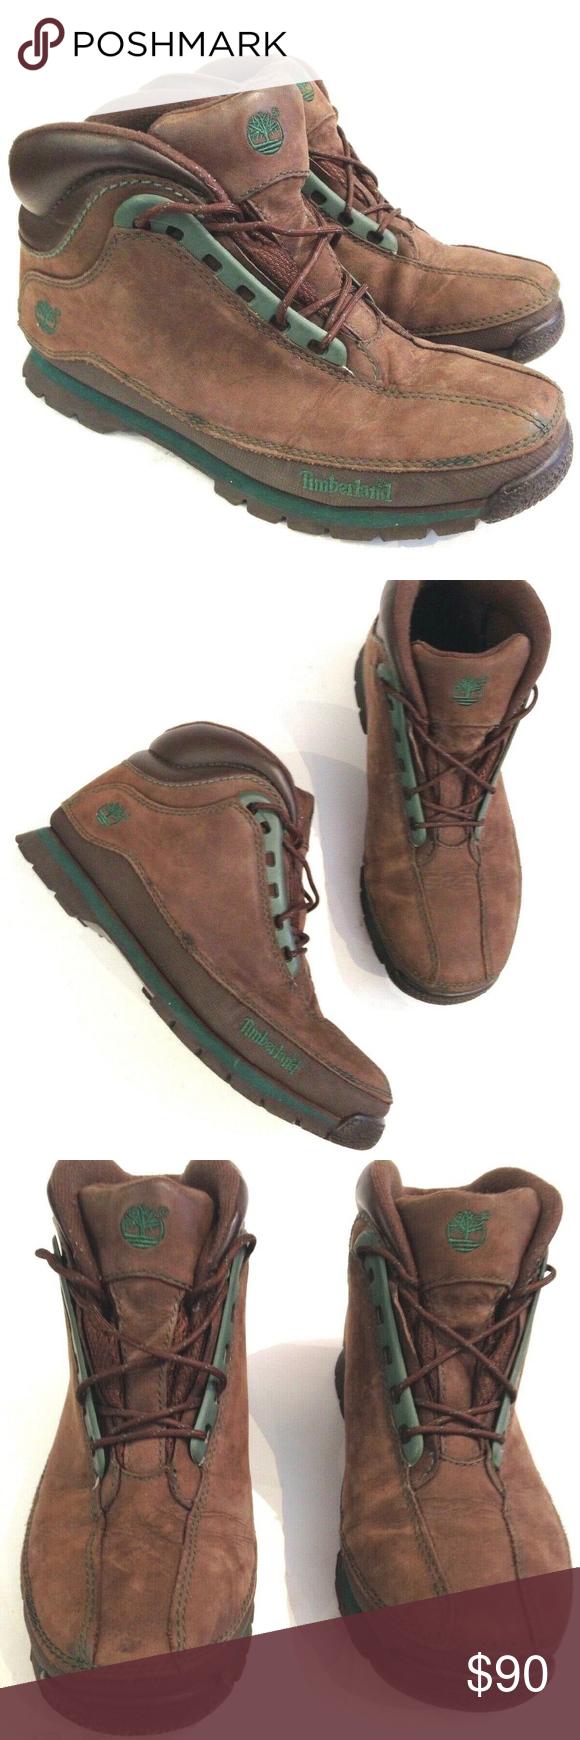 Noticias de última hora divorcio Qué  vtg 90's TIMBERLAND 3222 EURO HIKING BOOTS SZ 7 VINTAGE 90'S TIMBERLAND  EURO HIKING BOOTS DARK BROWN NUBUCK WITH DARK GRE… | Boots, Hiking boots,  Timberlands shoes